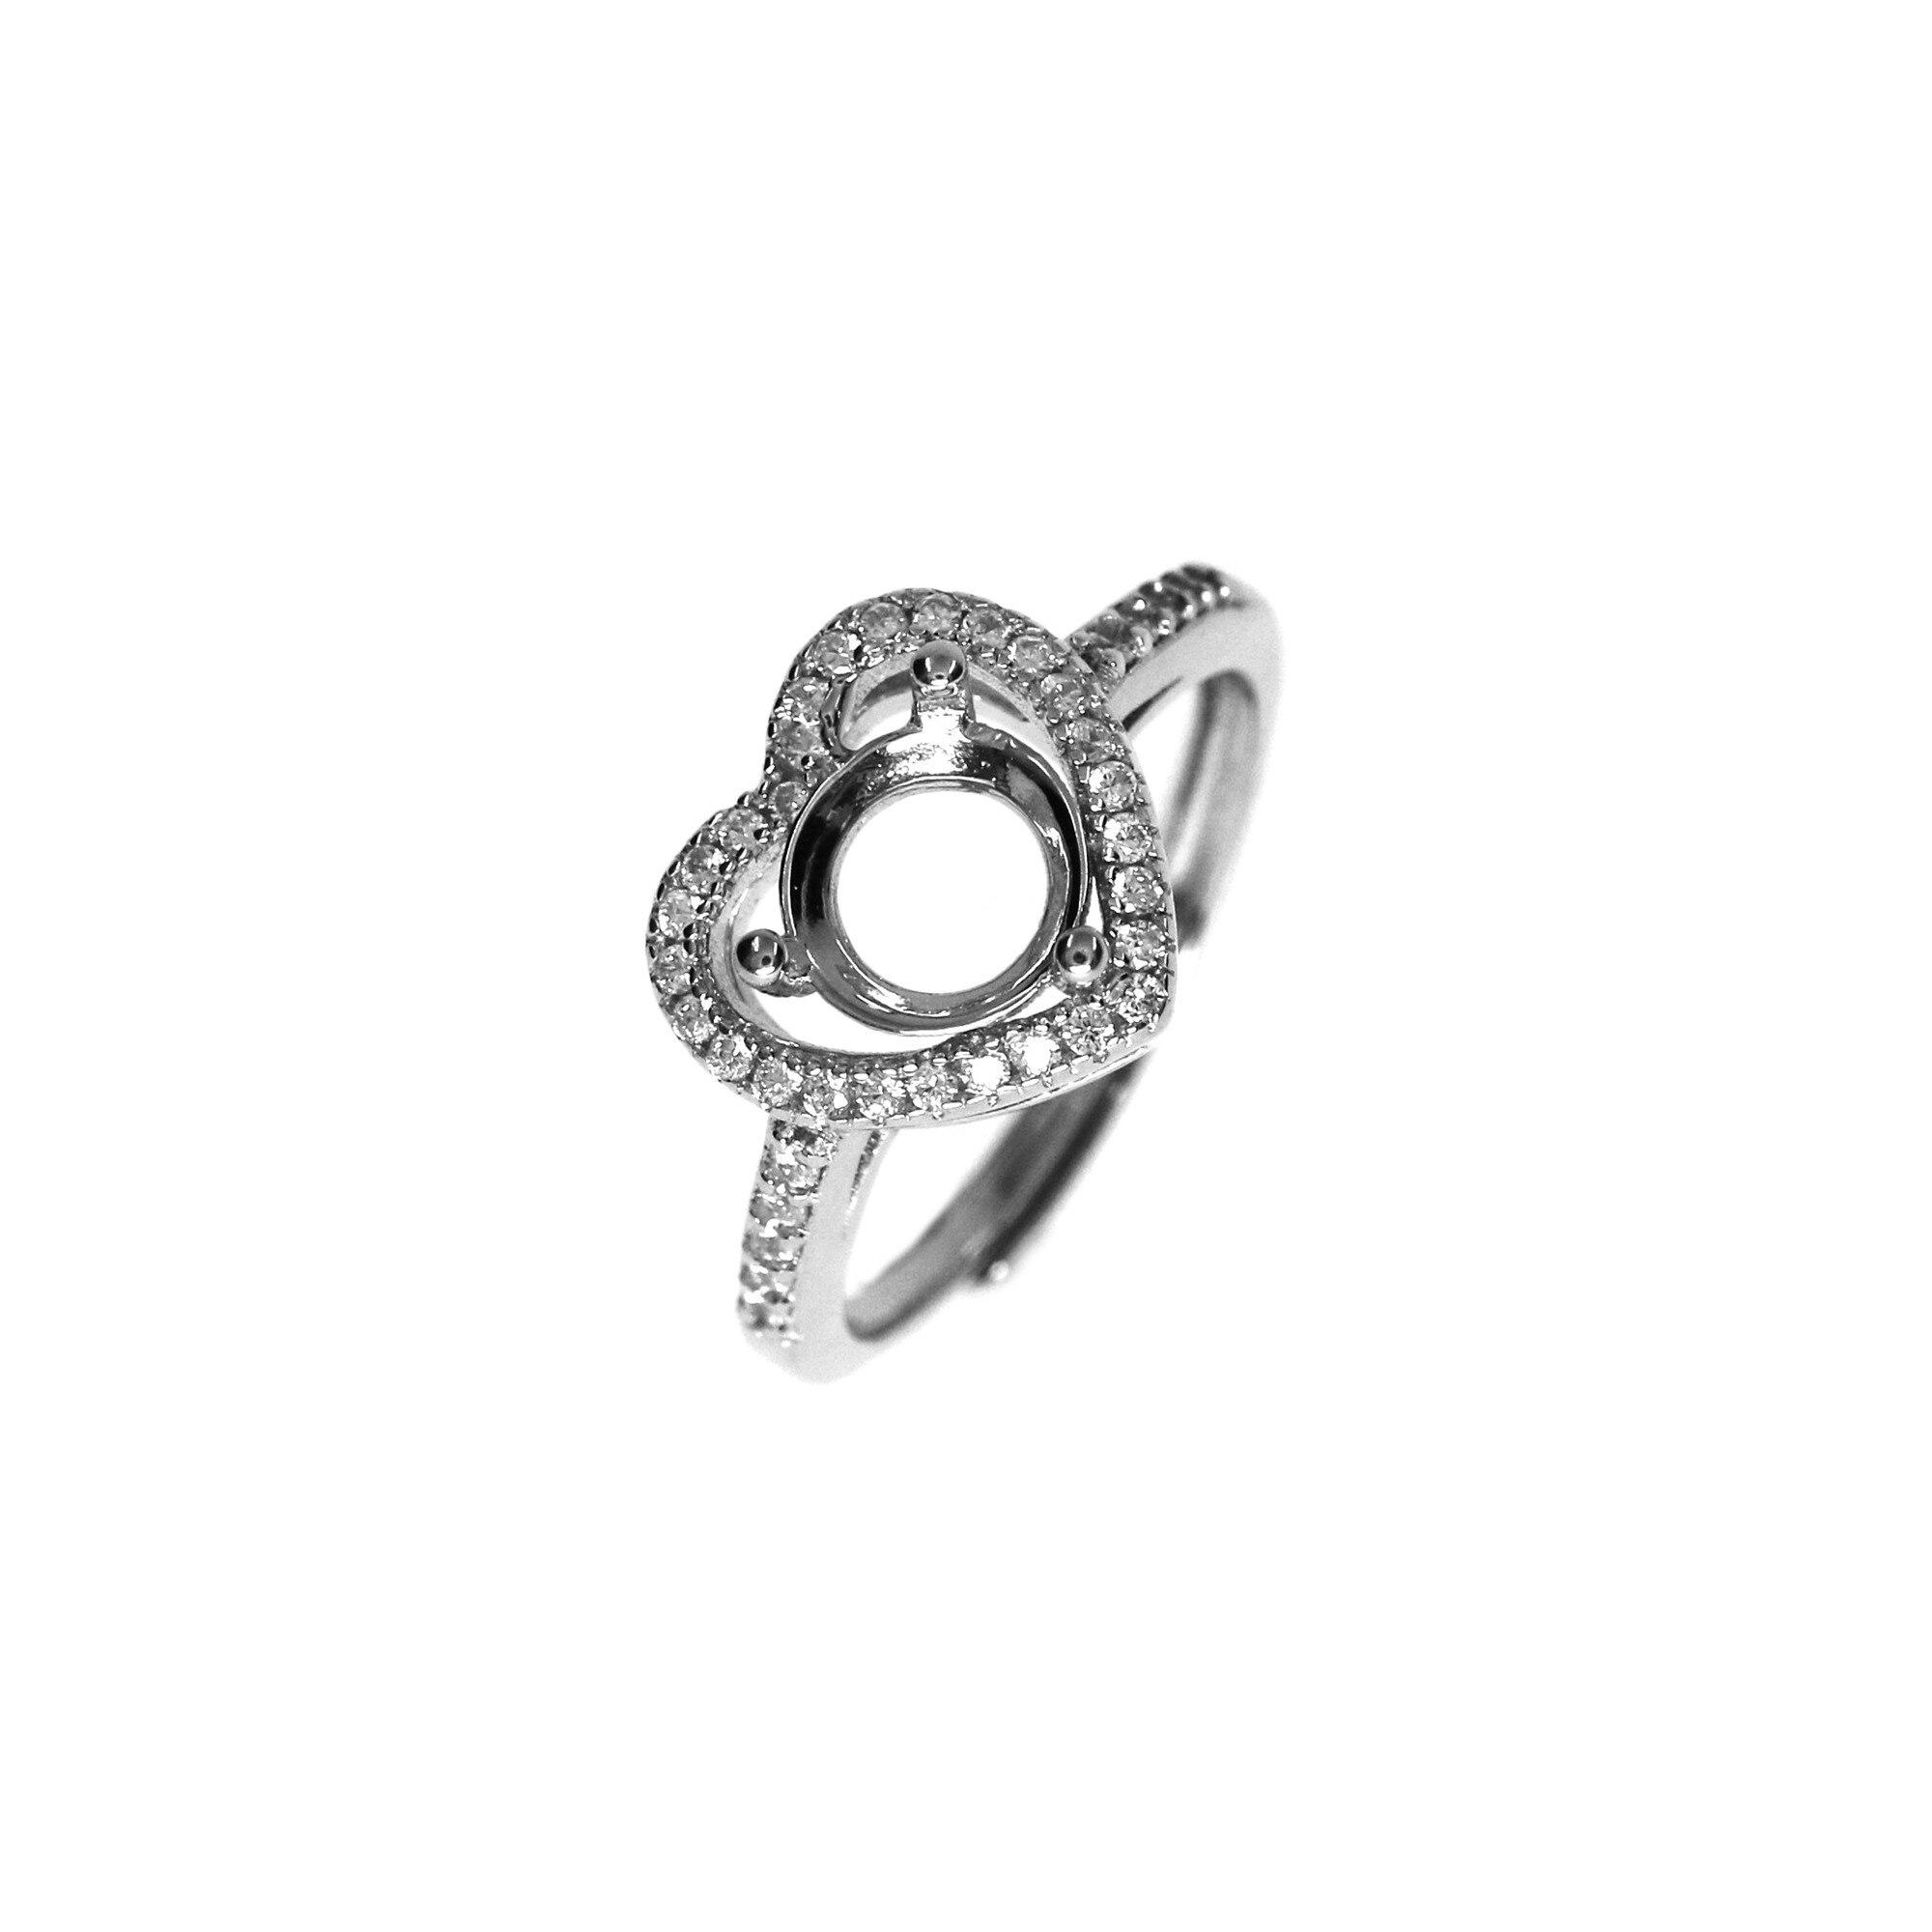 5-9MM runde einfache Edelstein CZ stein prong lünette feste 925 sterling silber einstellbare ring einstellungen herz form 1214032